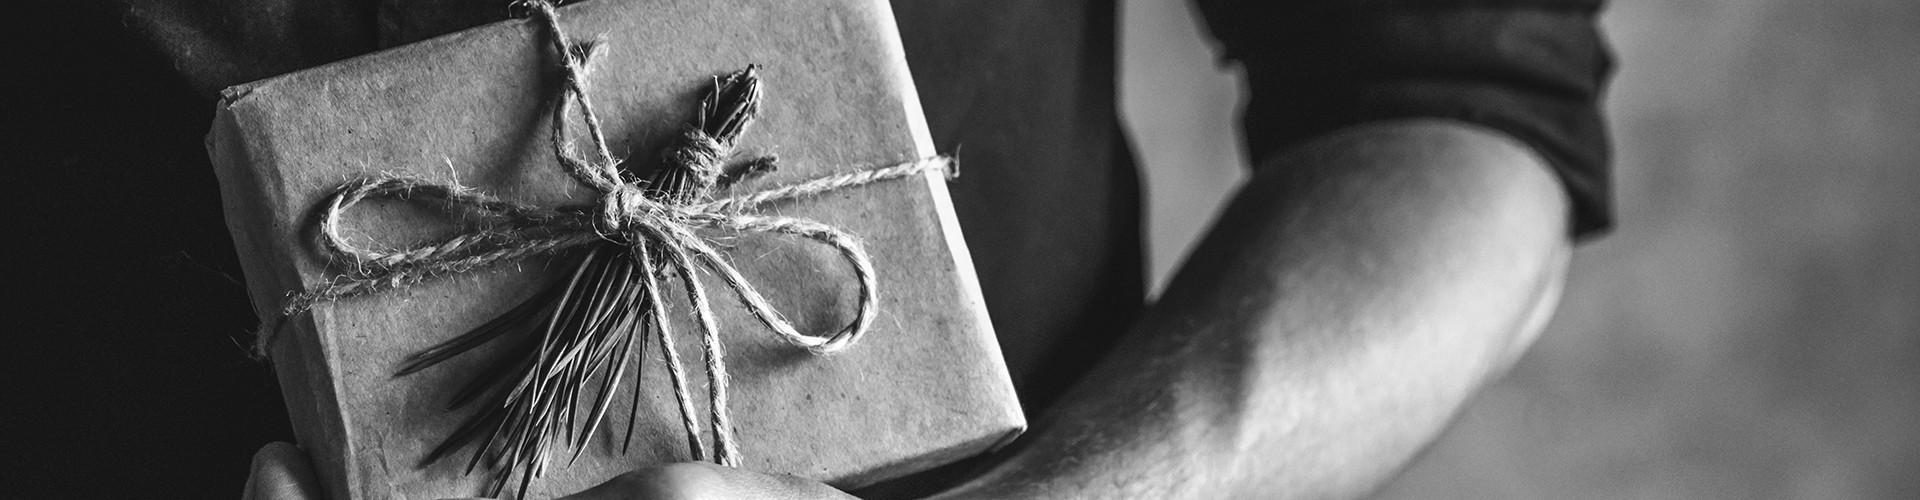 Idées cadeaux pour hommes